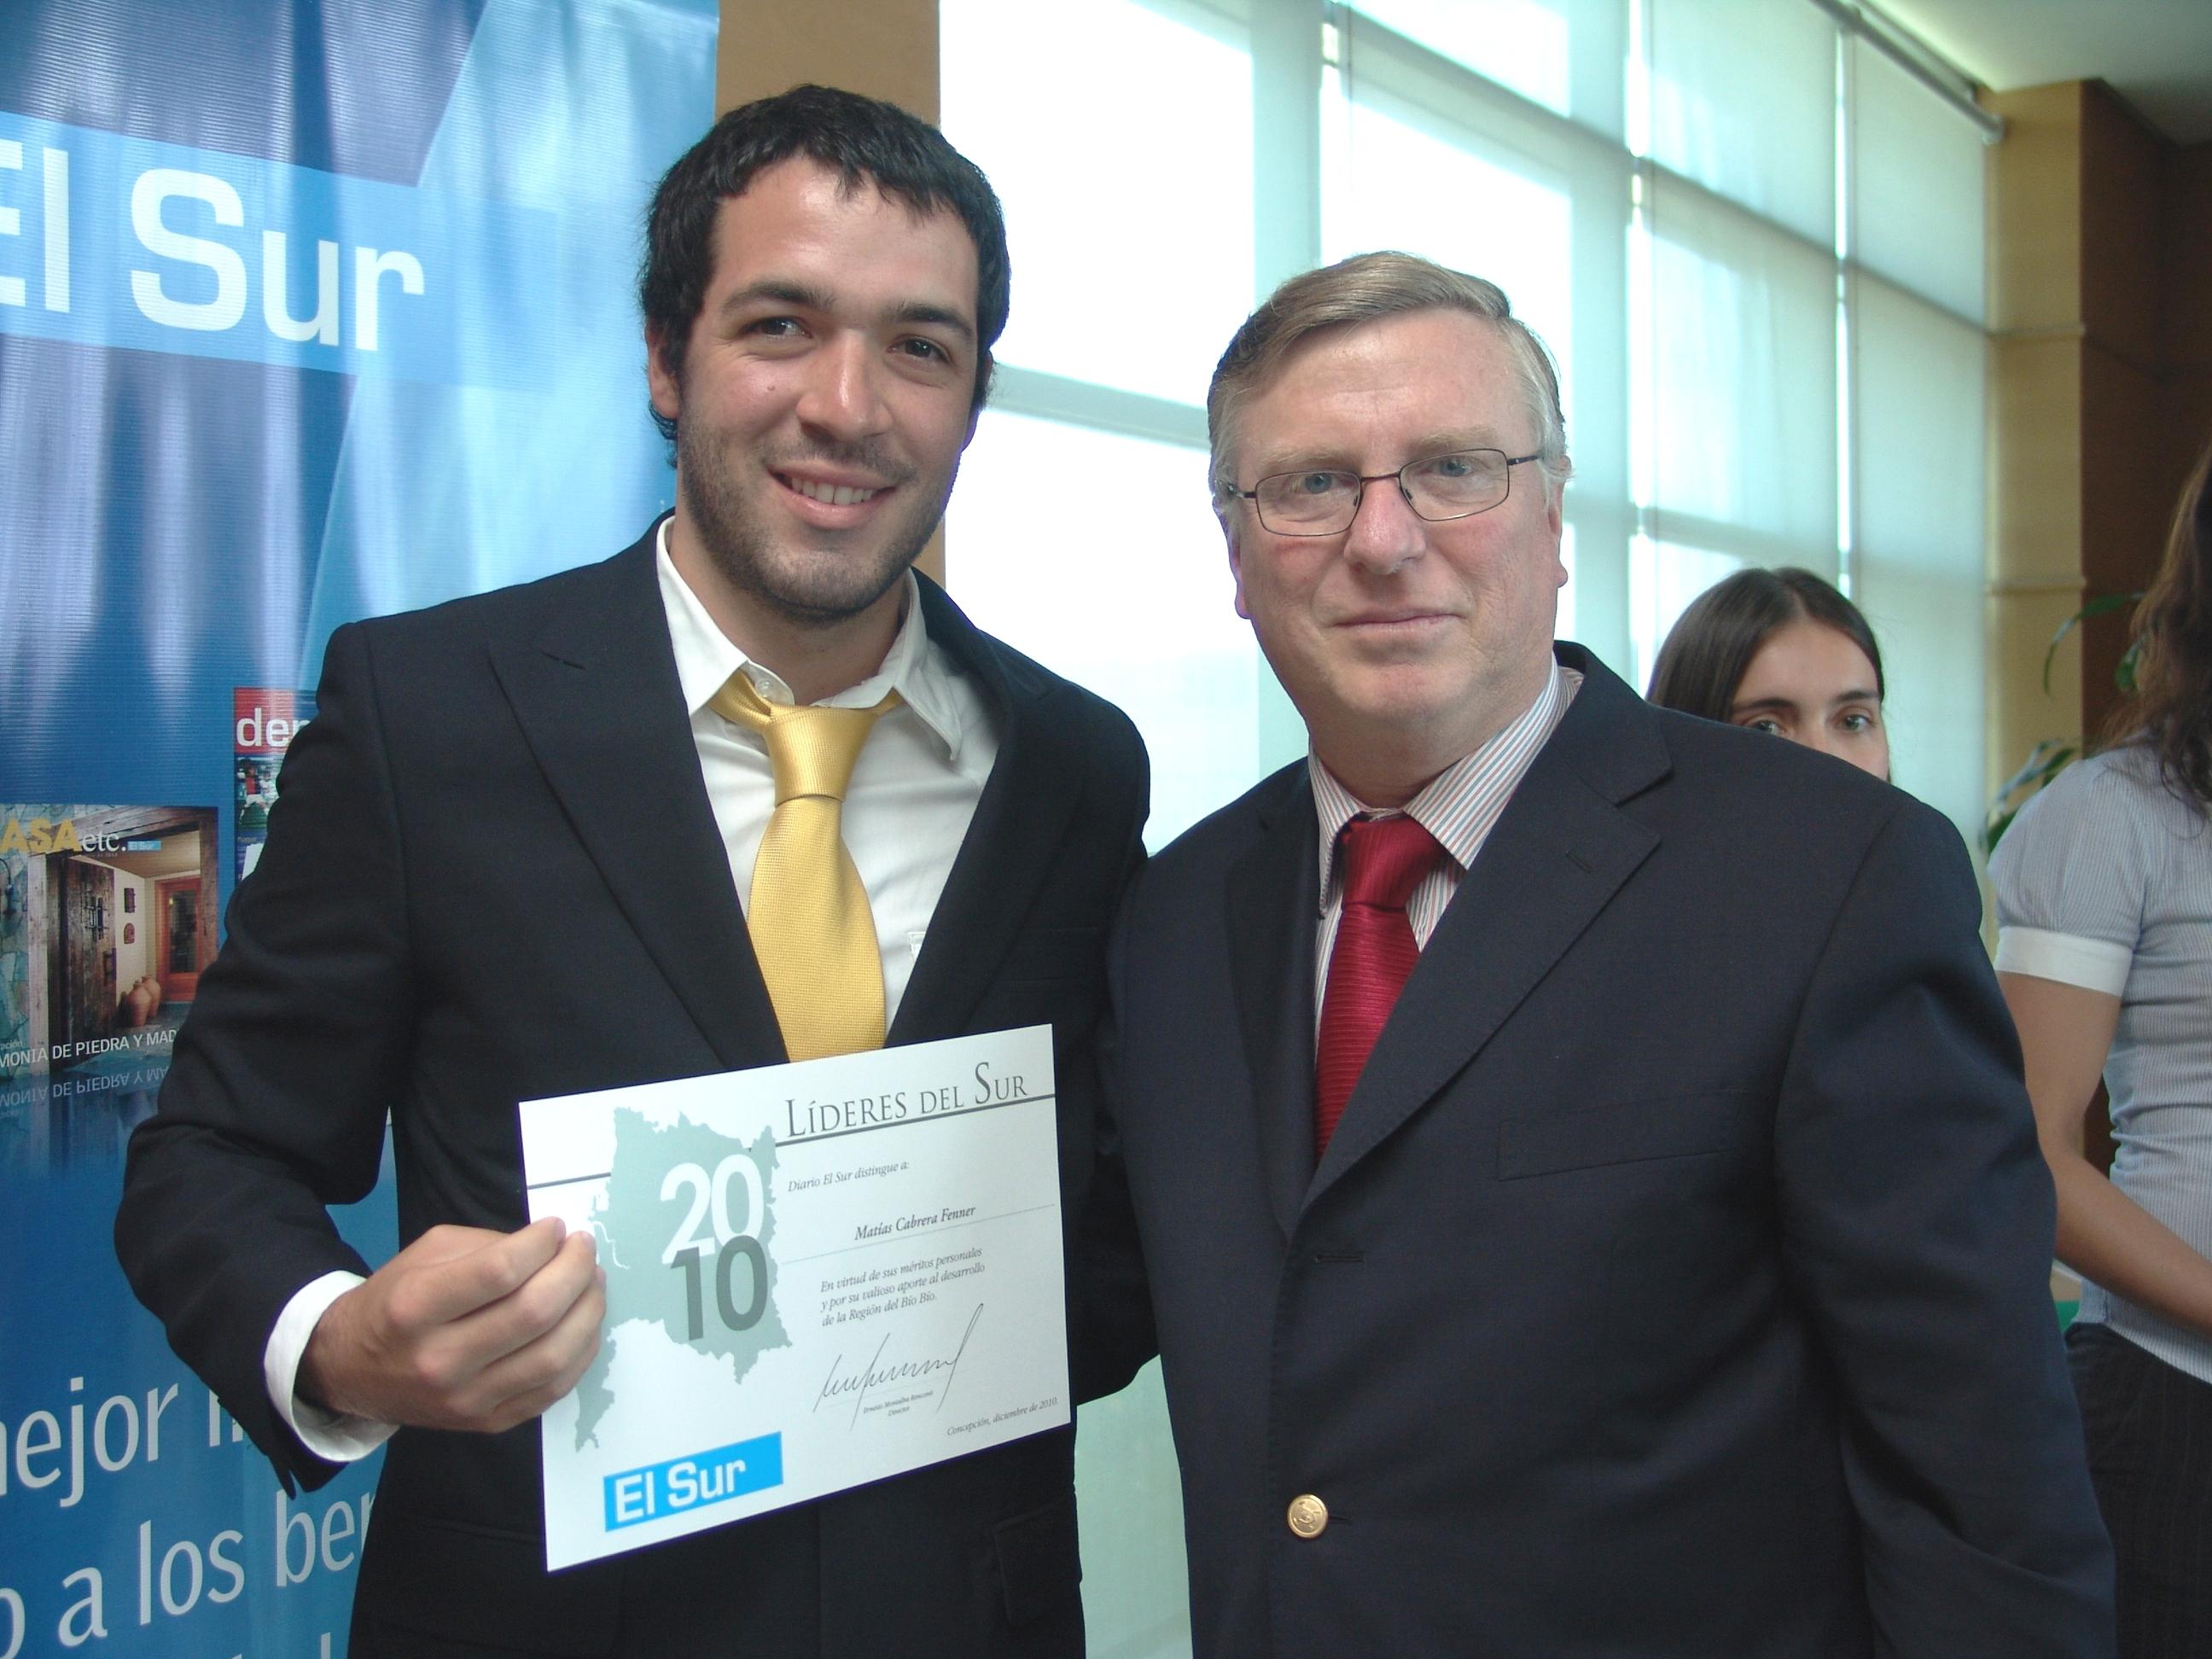 Matías Cabrera, Odontólogo líder de la solidaridad